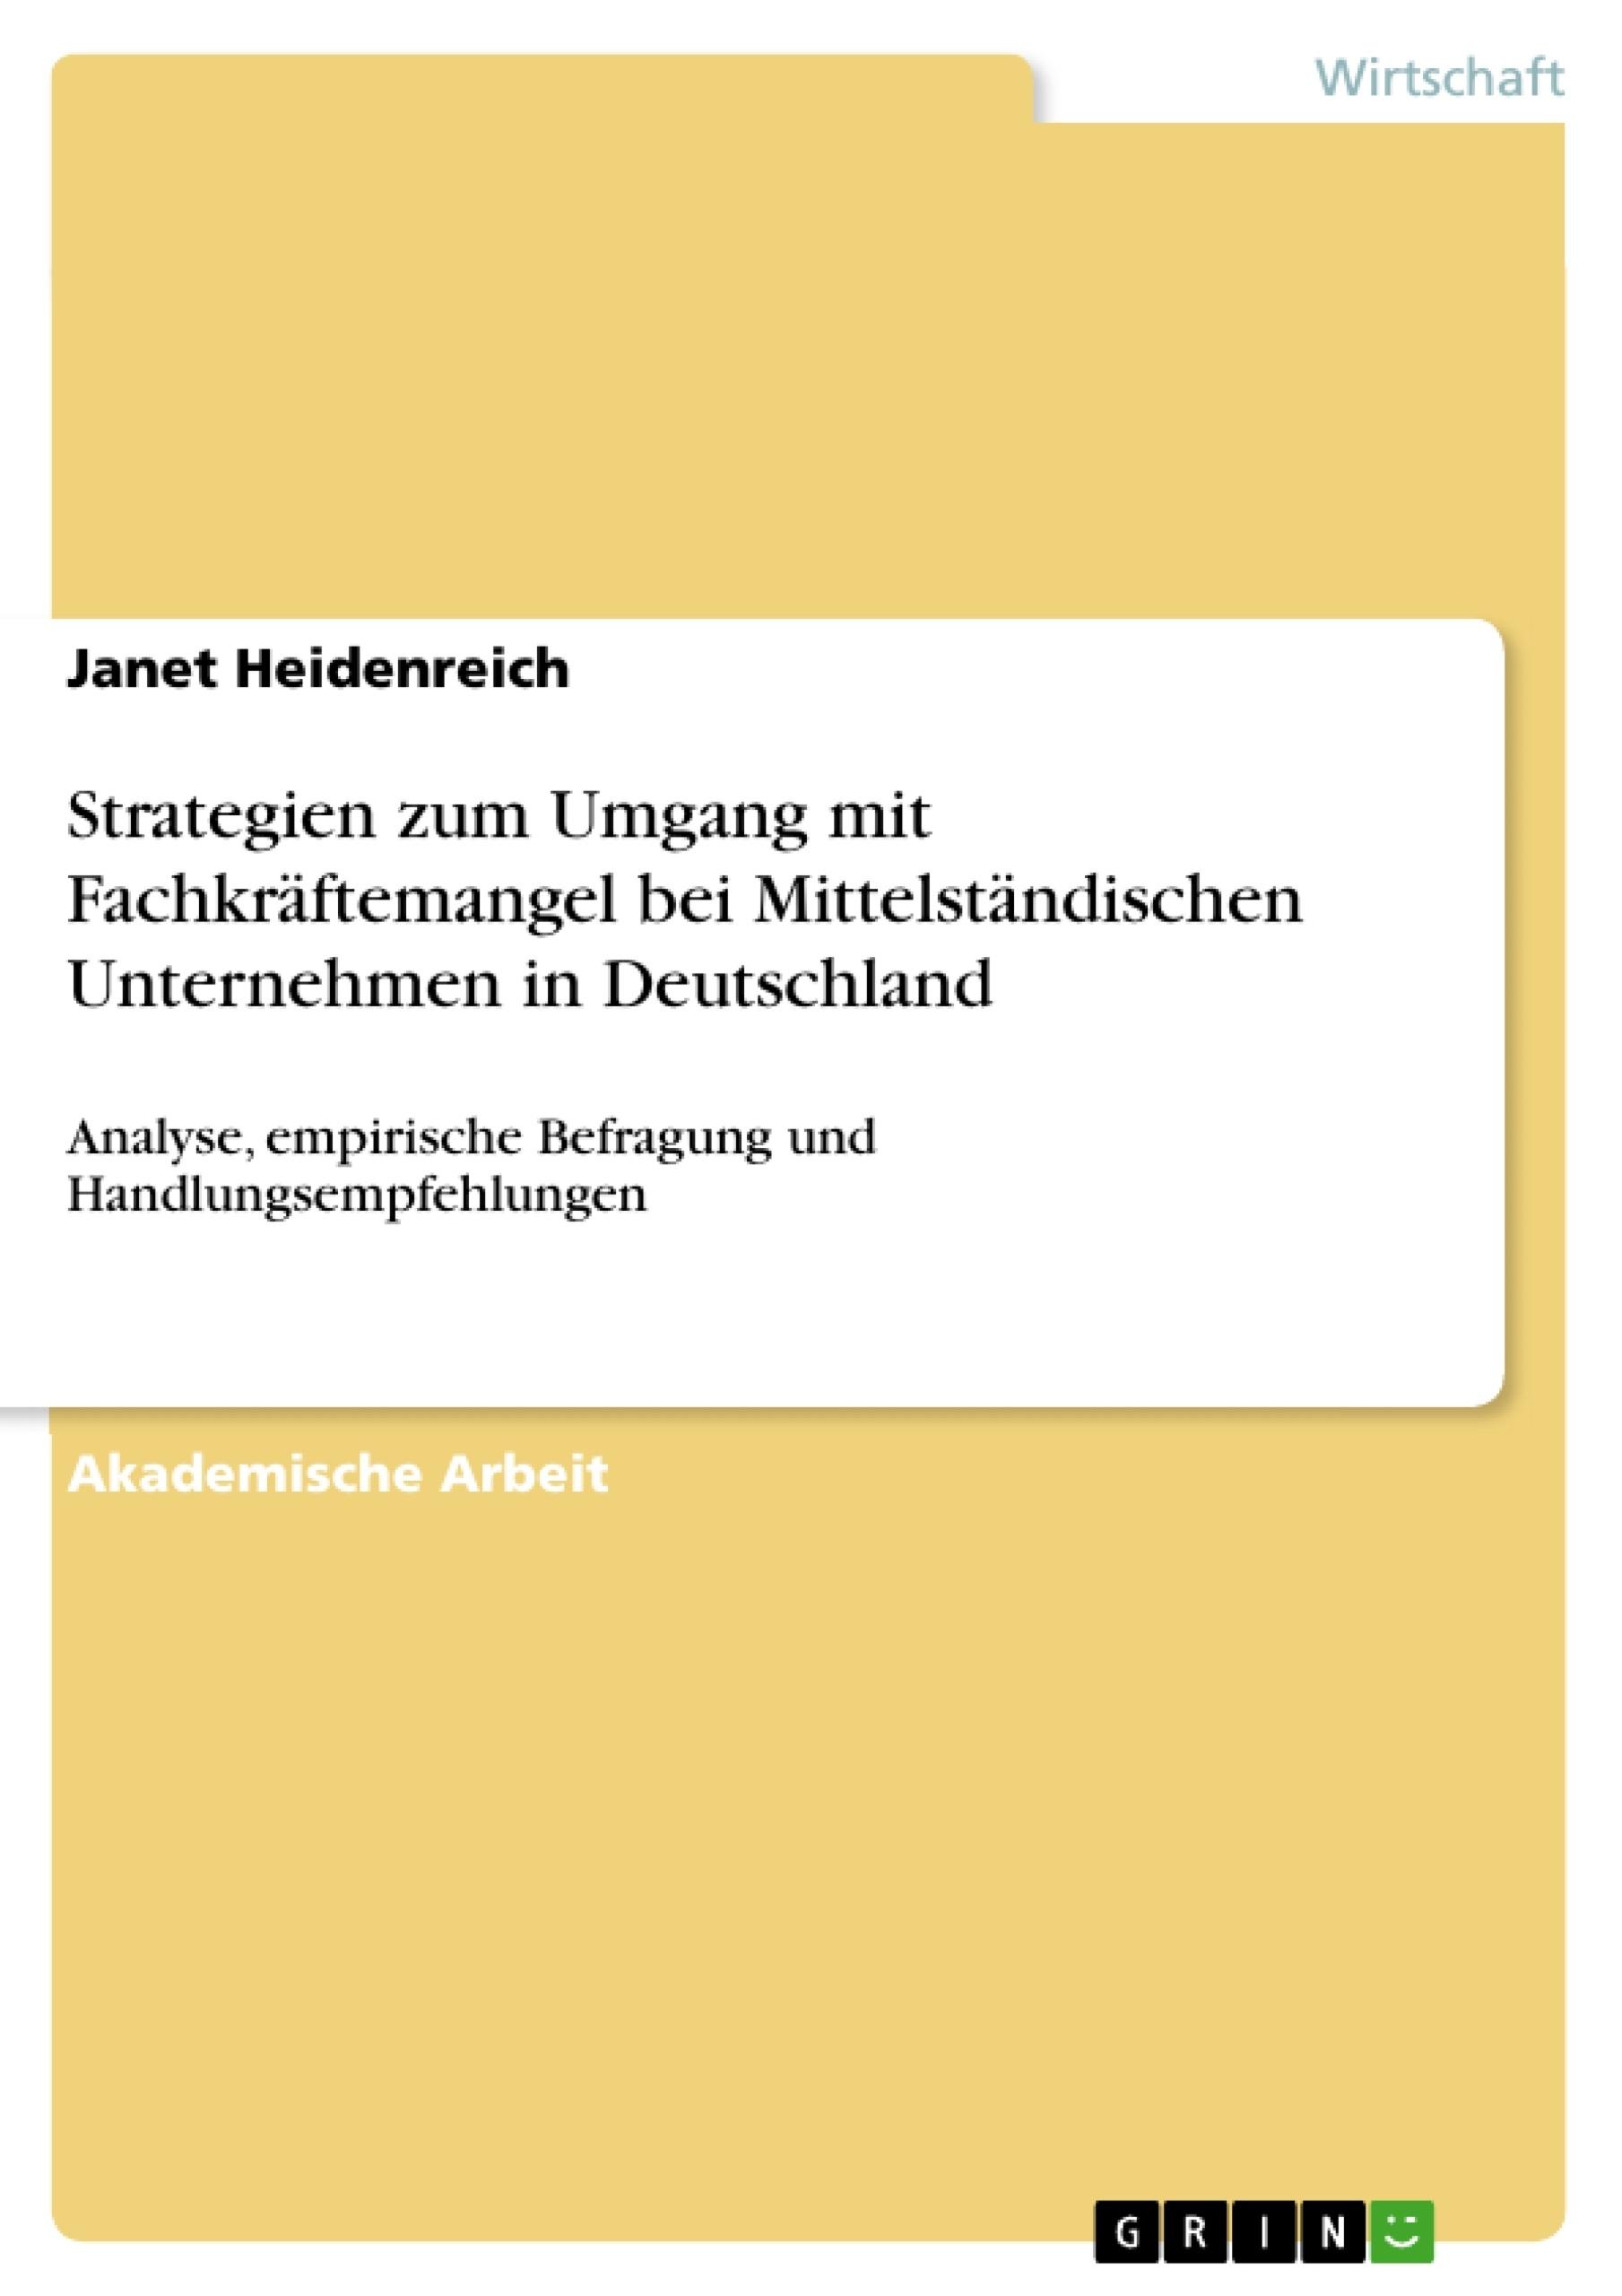 Titel: Strategien zum Umgang mit Fachkräftemangel bei Mittelständischen Unternehmen in Deutschland